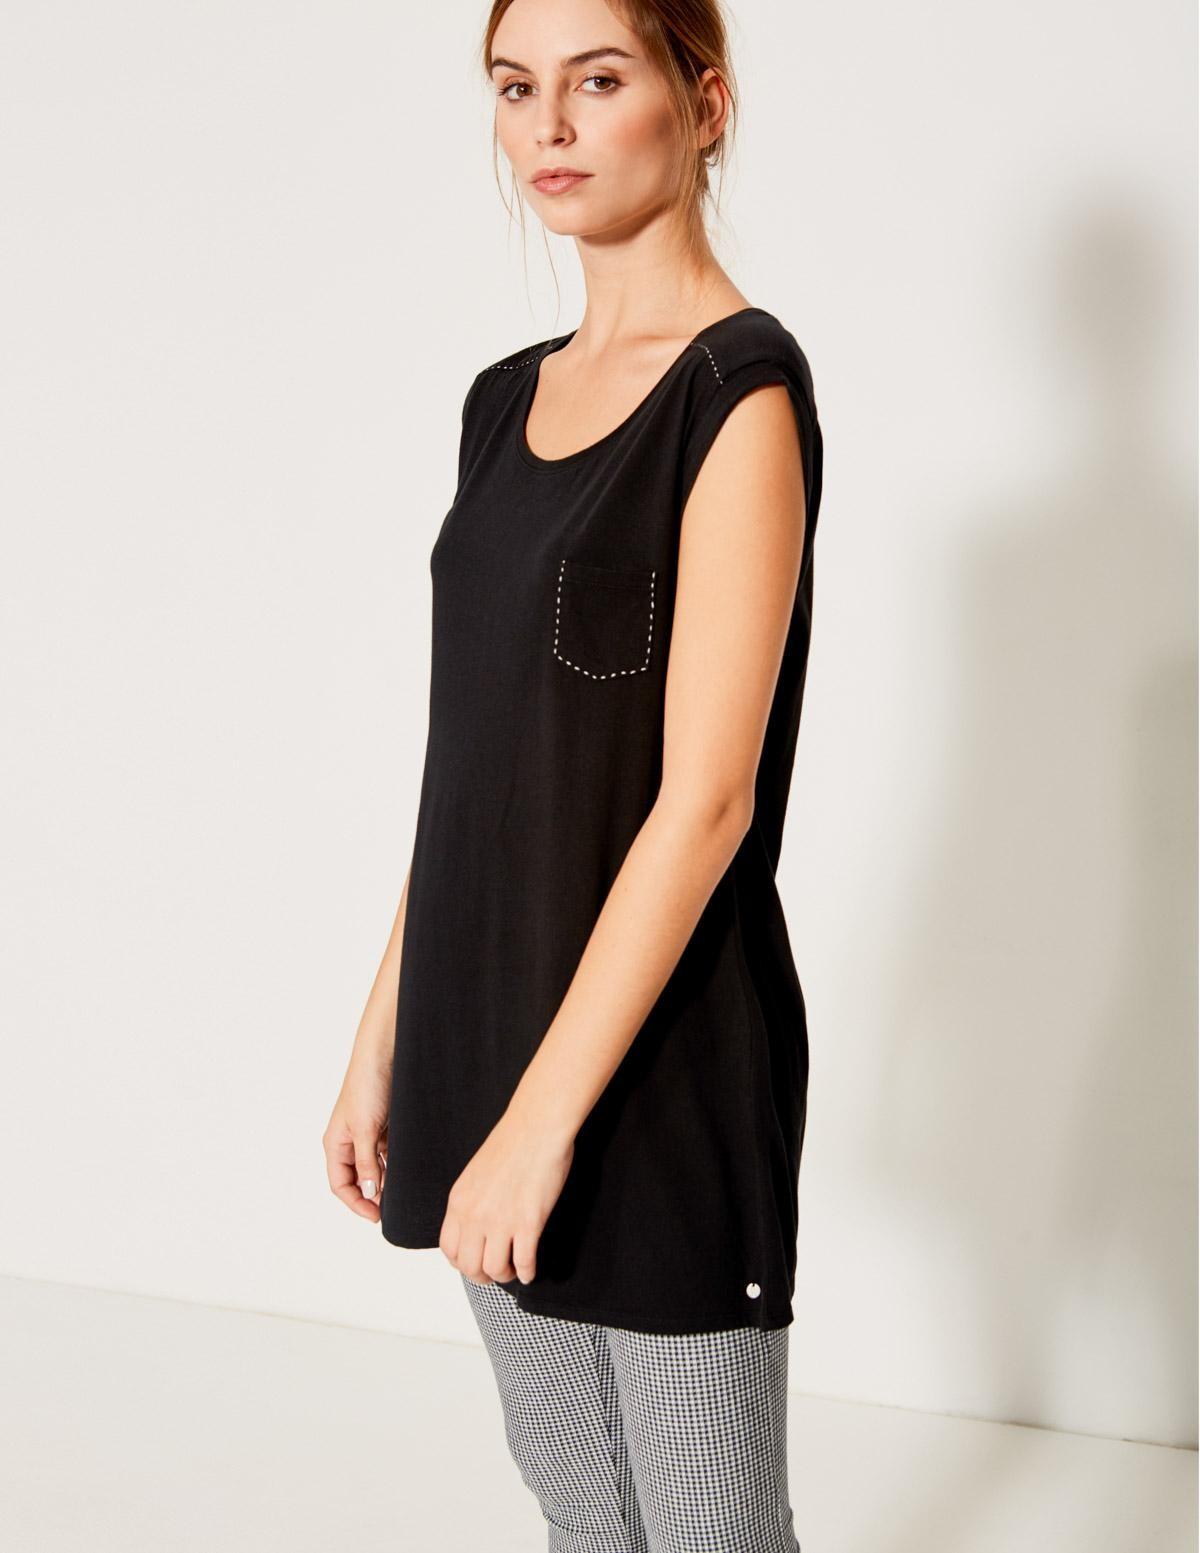 Camiseta extra larga - Ítem1